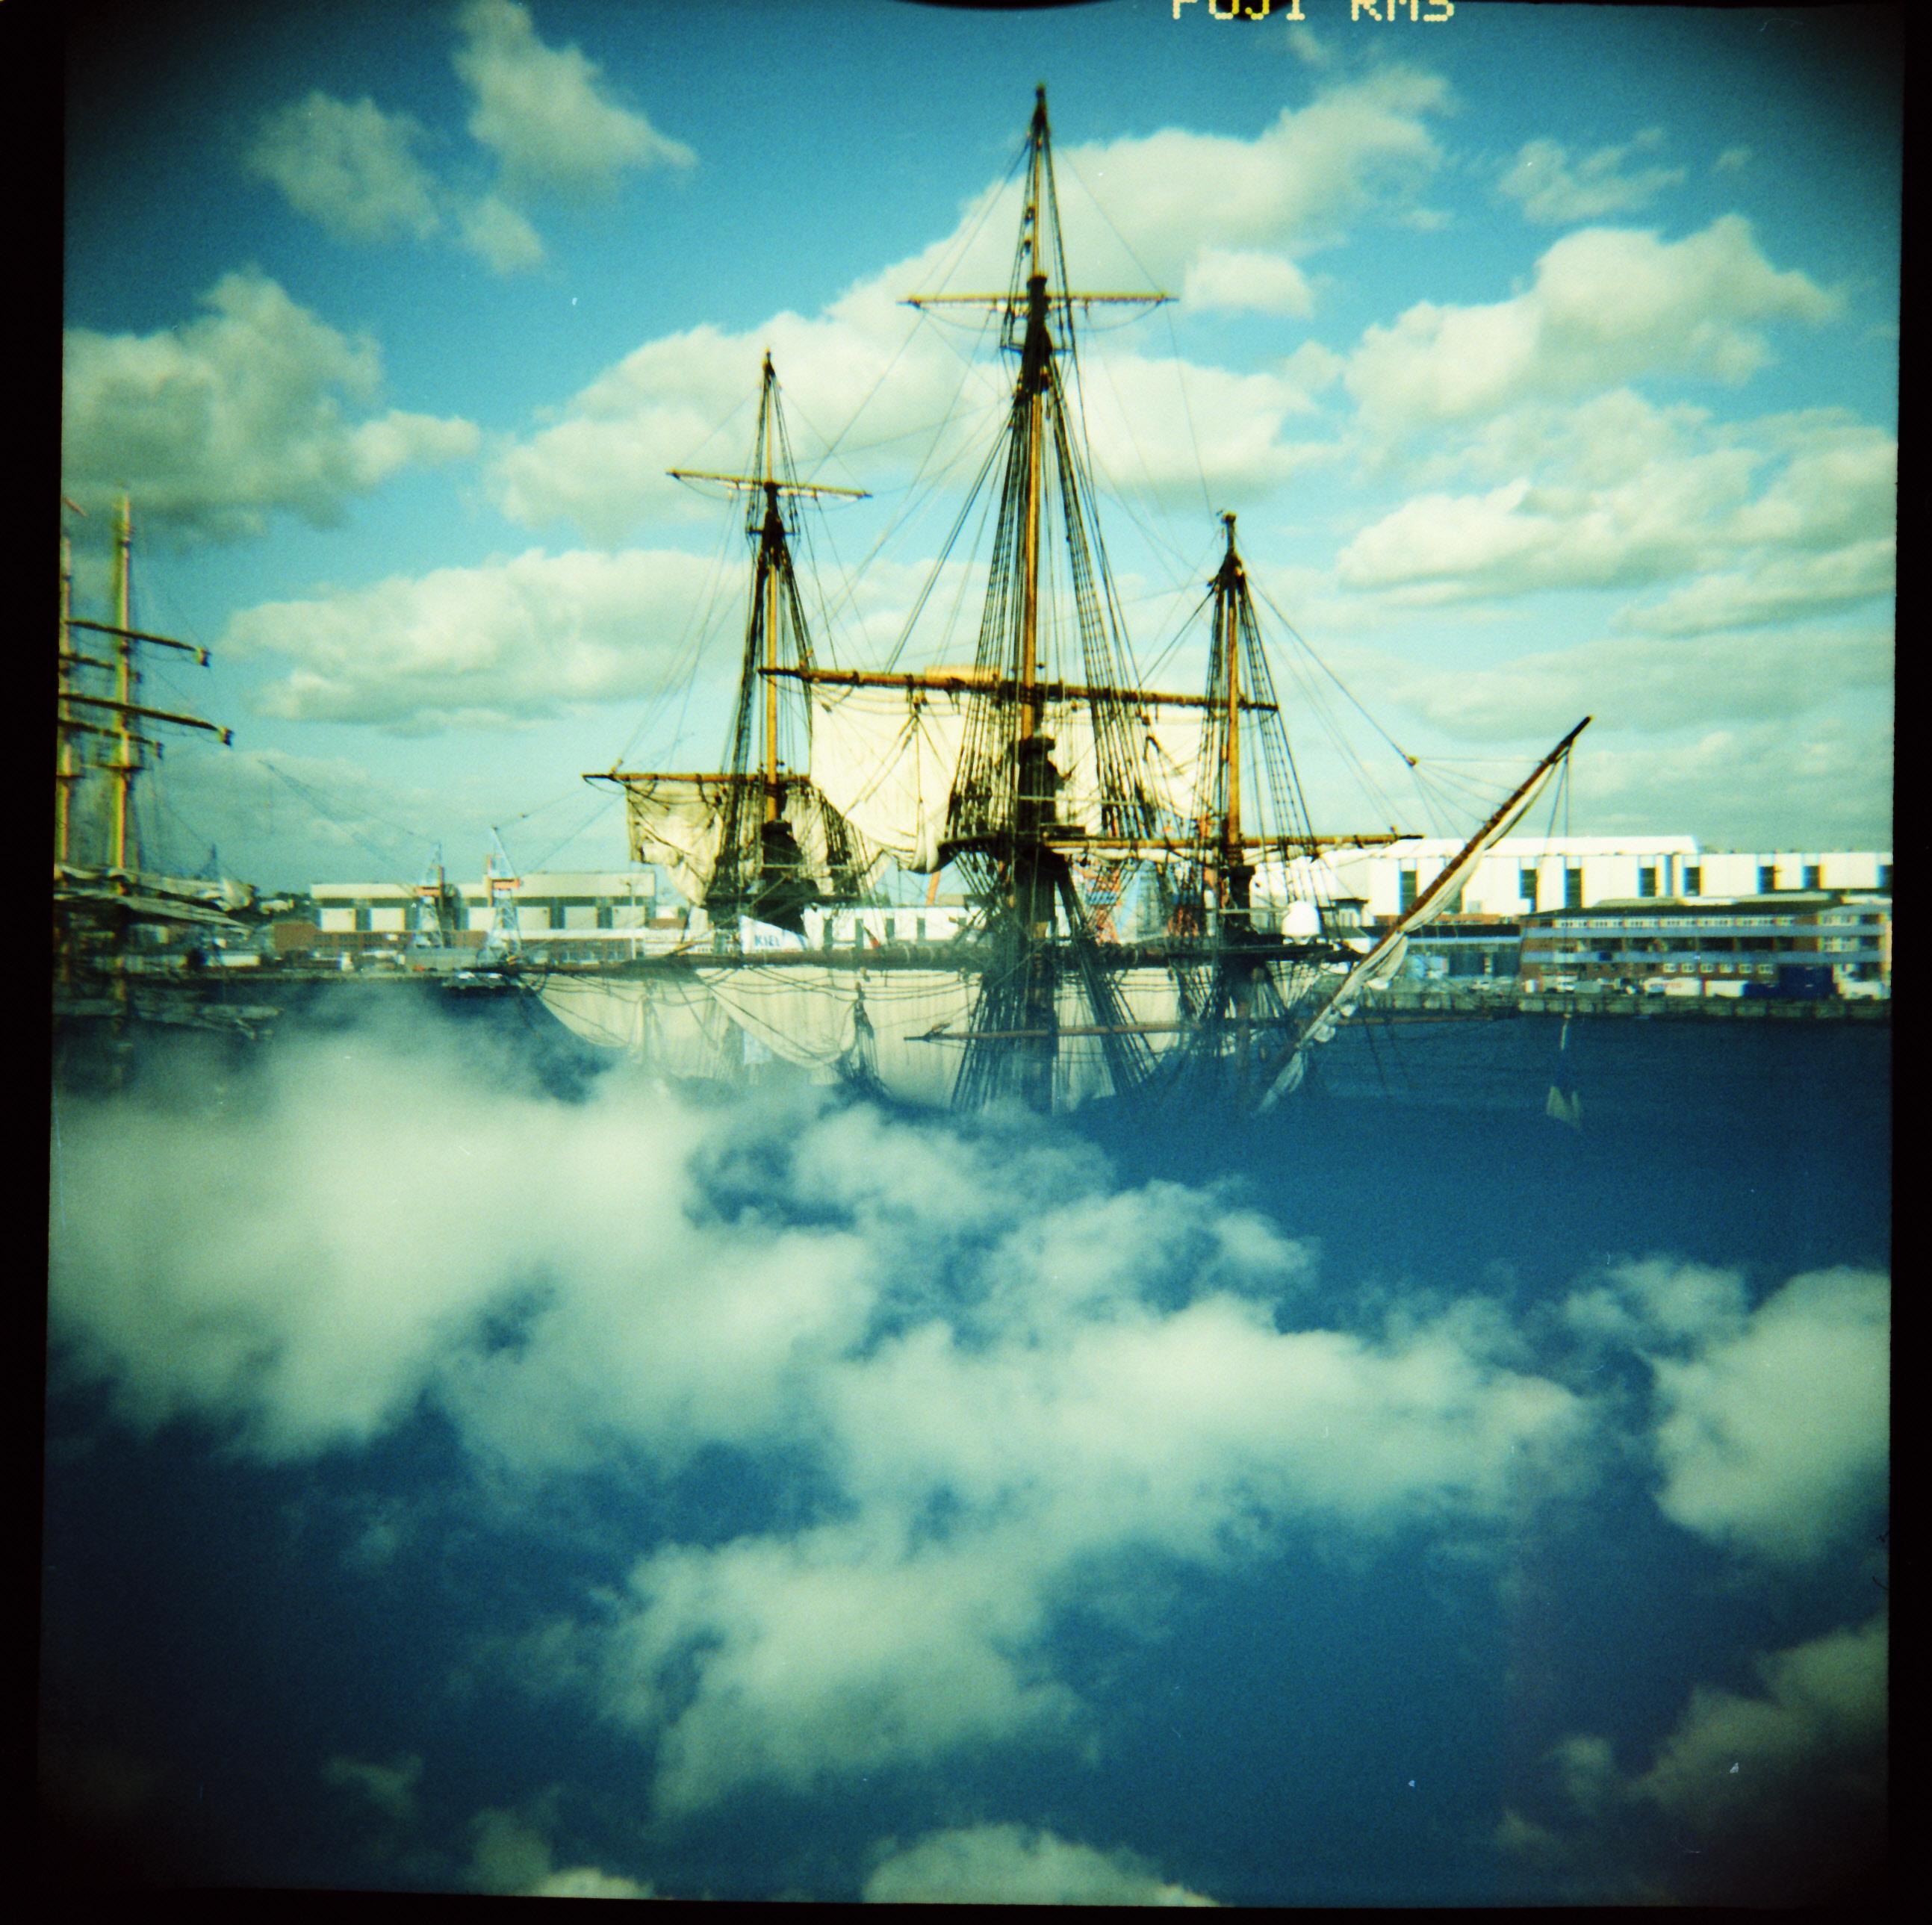 Wolkenschiff, doppelbelichtung, MX, lomo, diana f+, splitzer